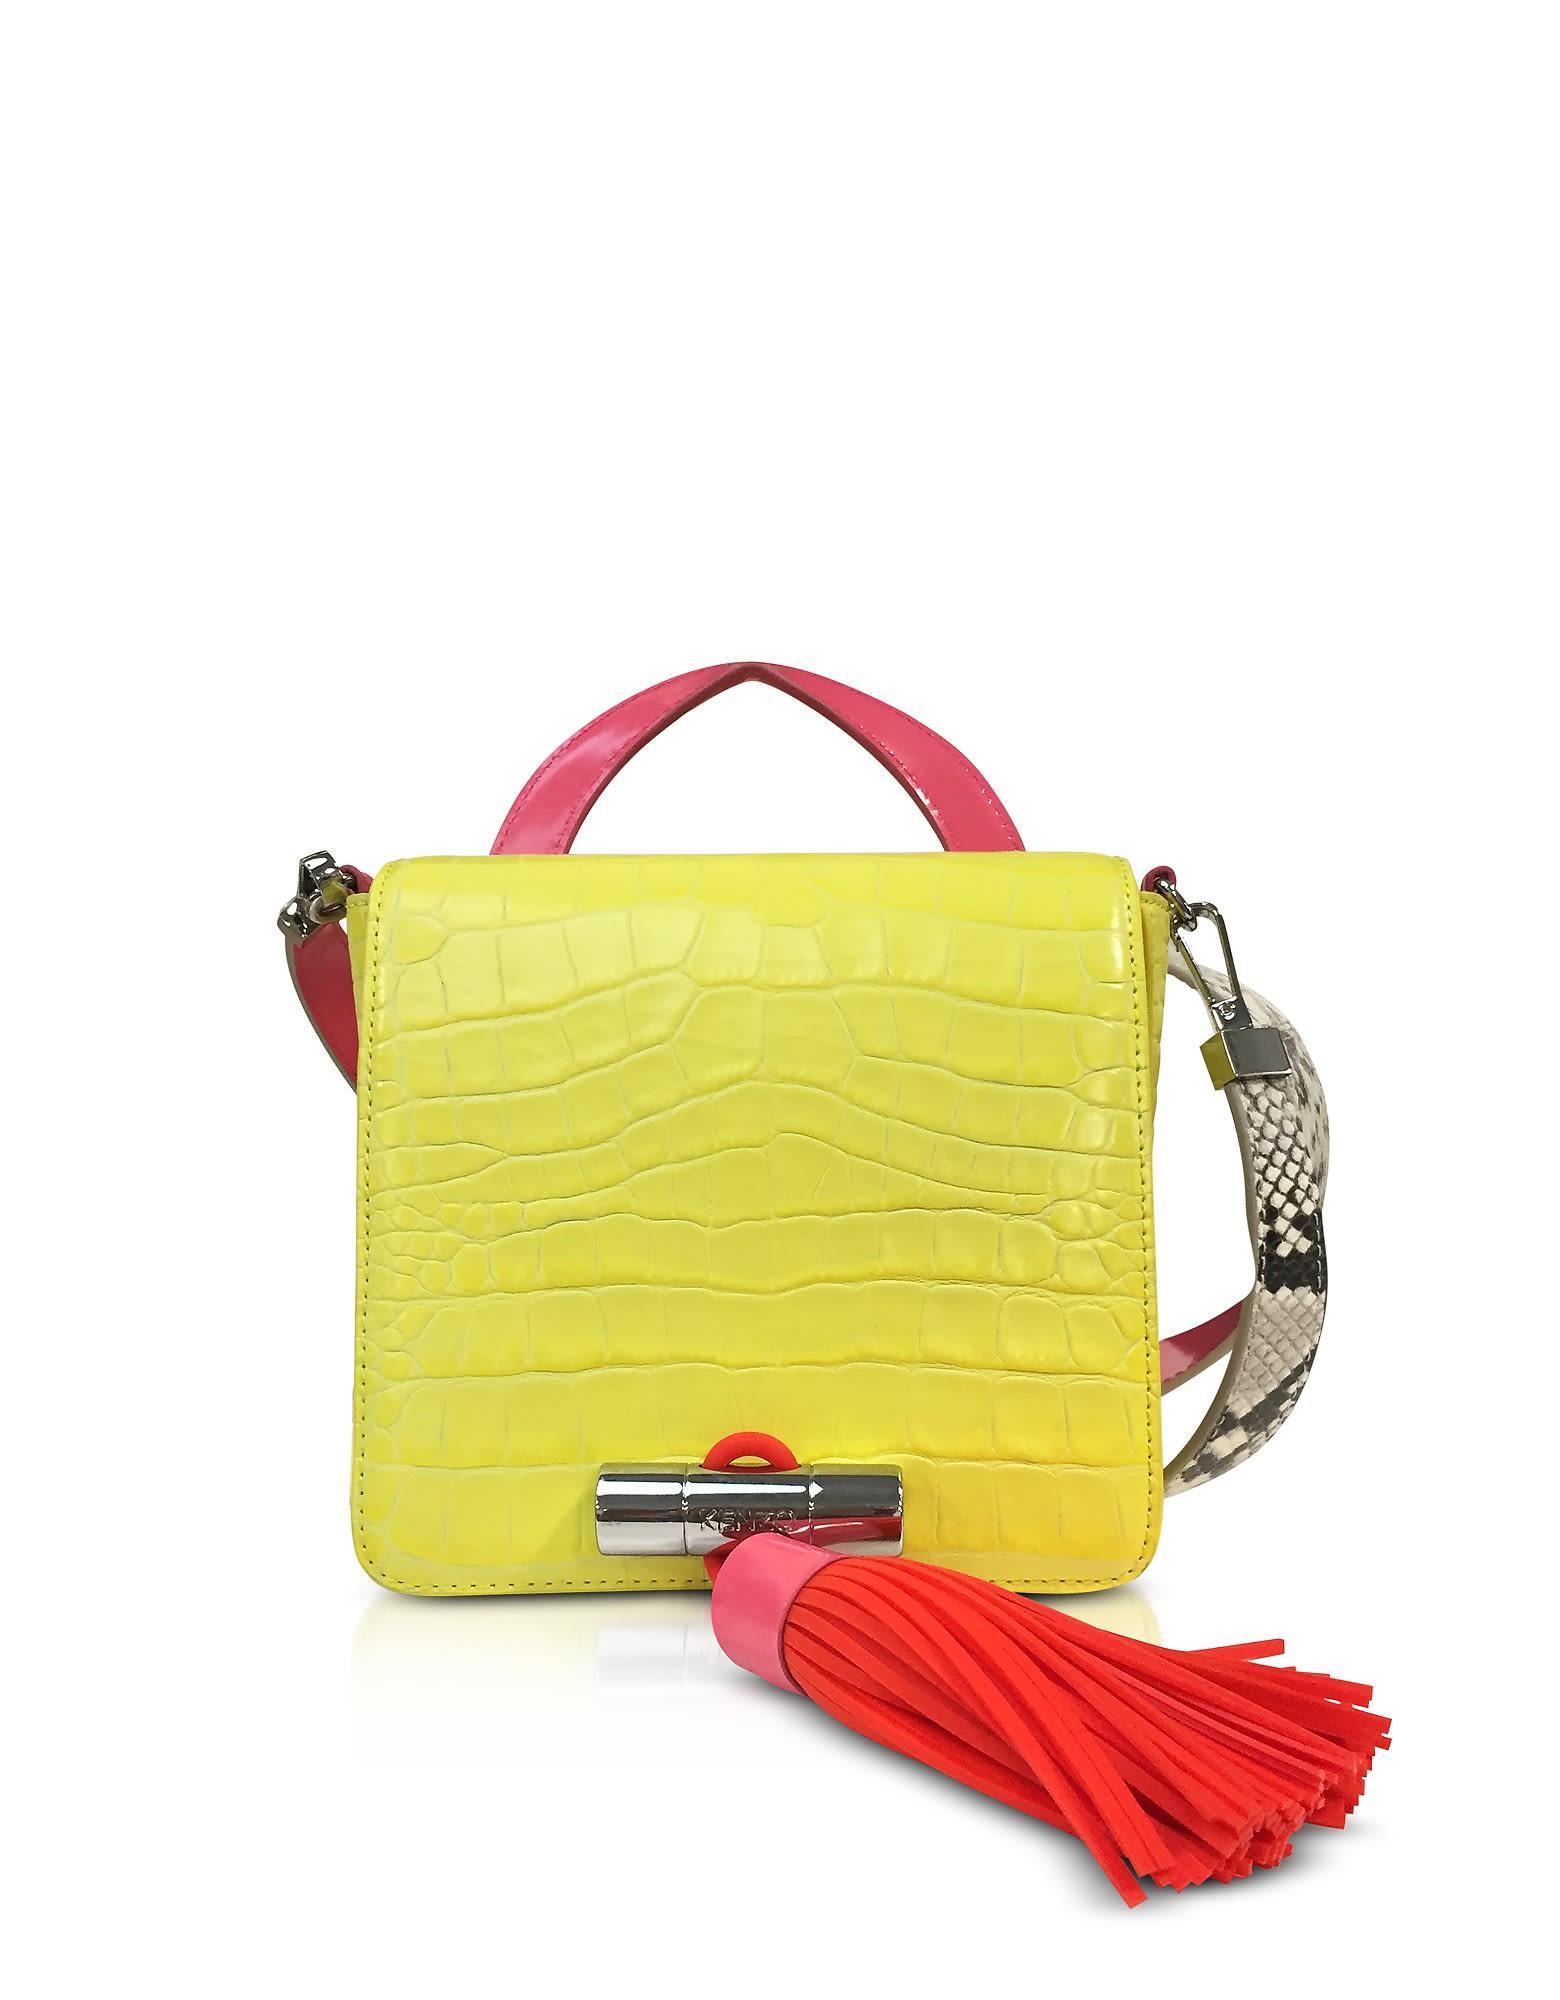 db823785edd Kenzo Lemon Croco Embossed Leather Mini Sailor Bag W-Fuchsia Oversized  Tassel